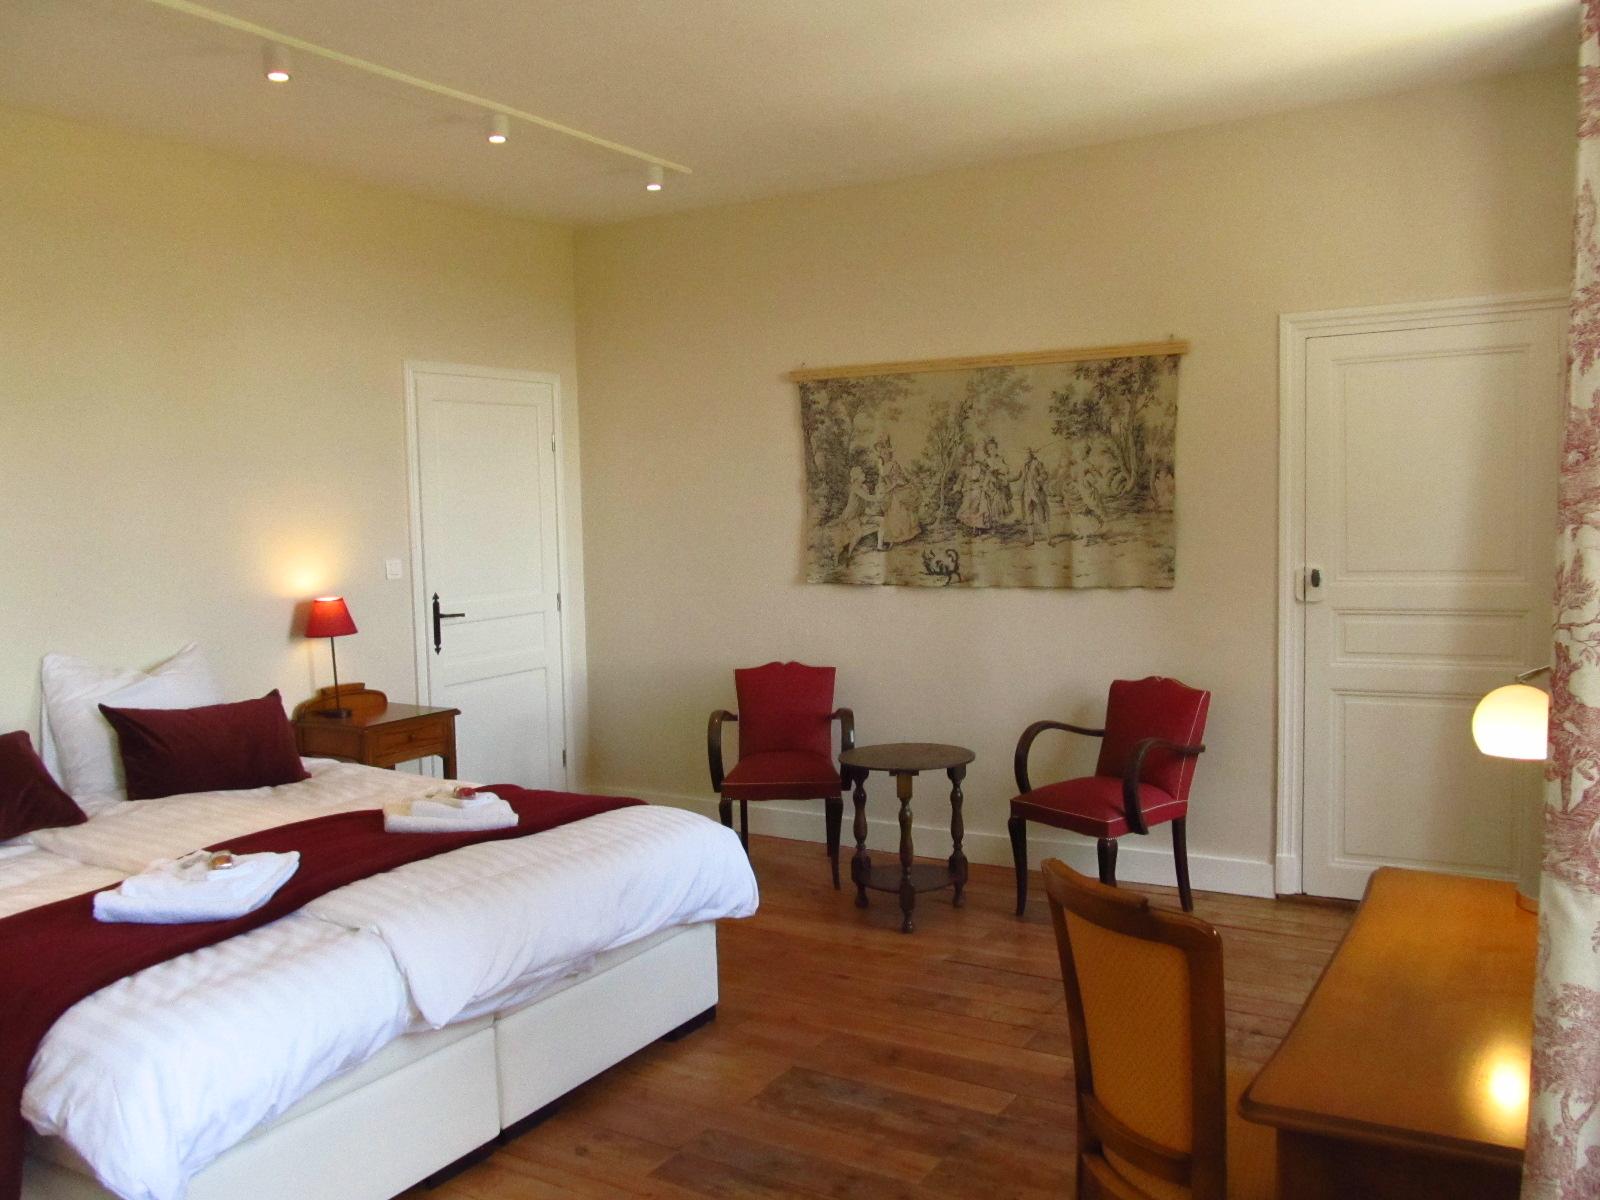 Kamer 2 bed